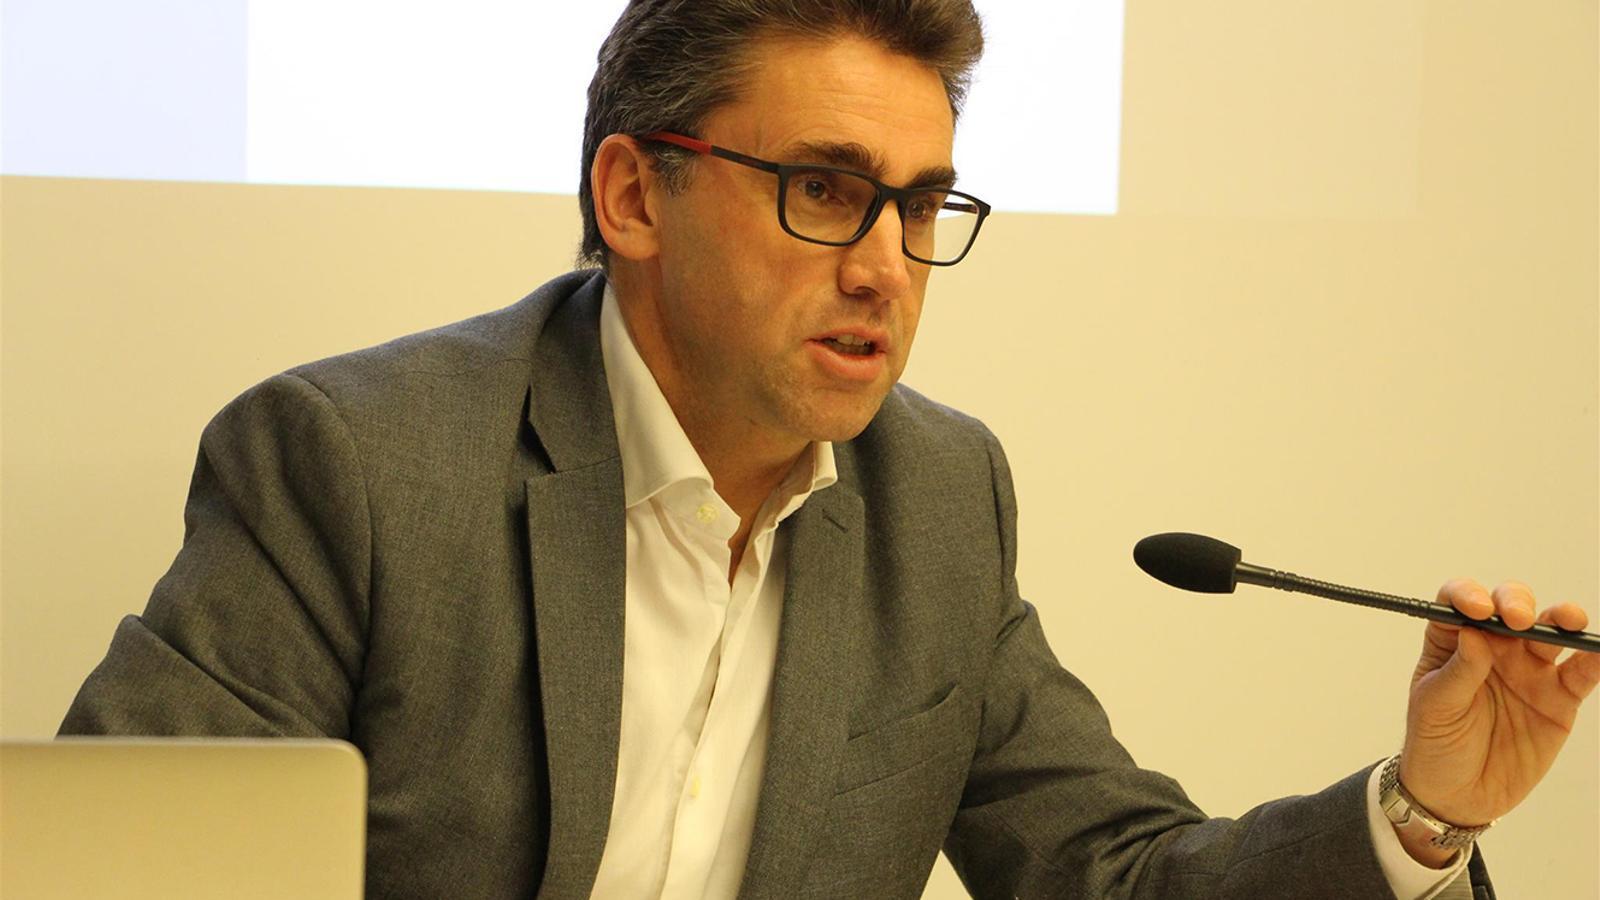 El portaveu d'Andorra Telecom, Carles Casadevall, durant la roda de premsa d'aquest dimecres. / B. N. (ANA)